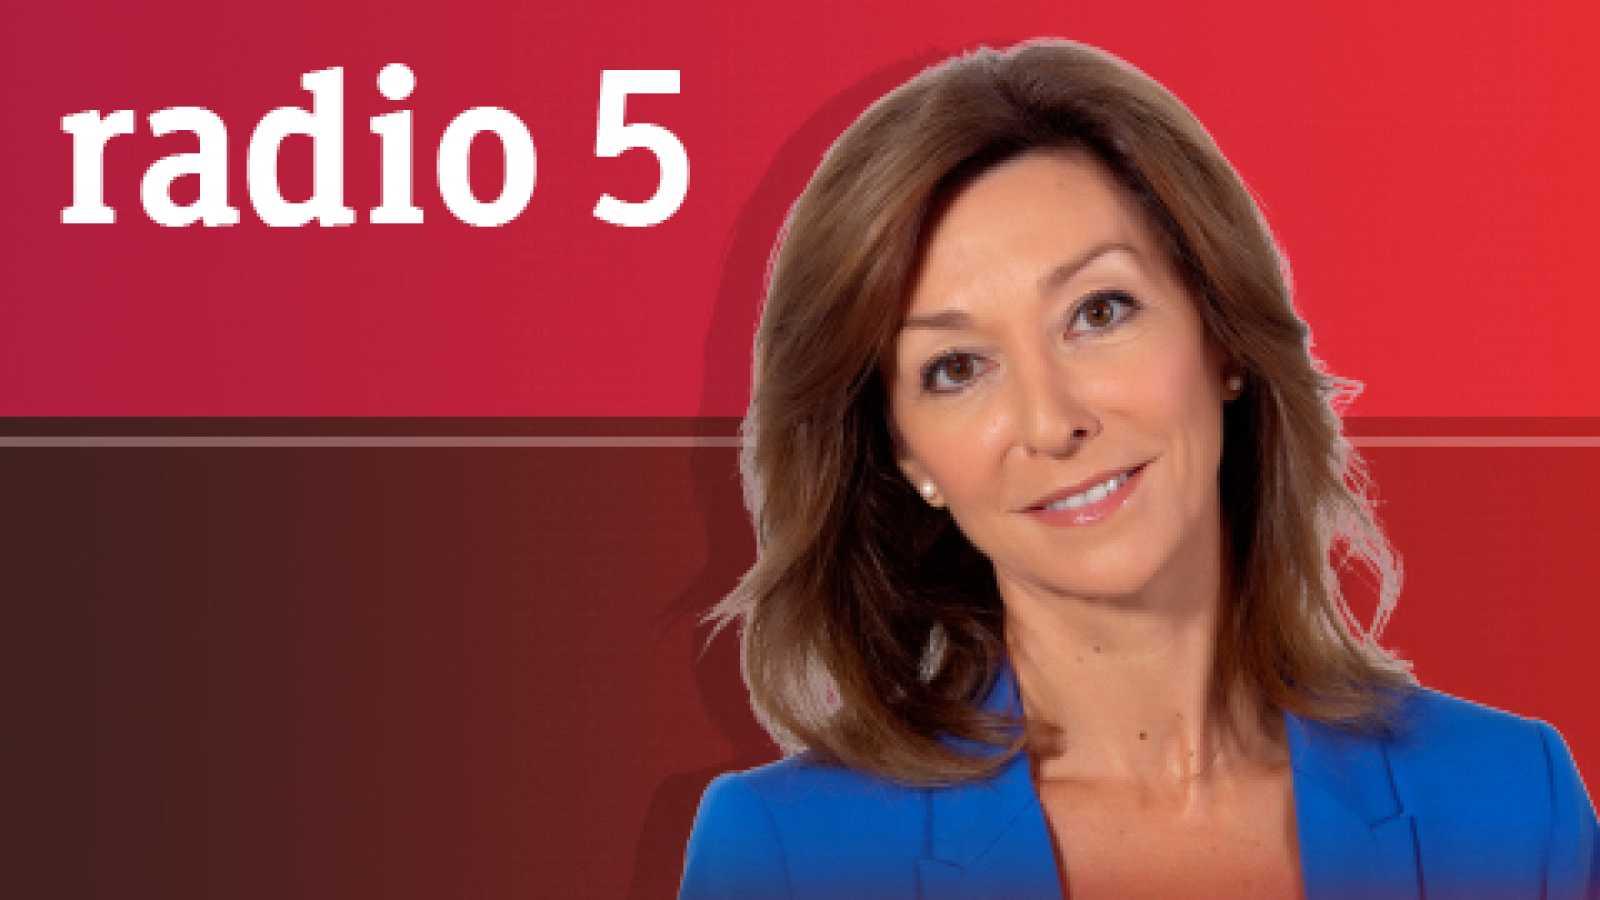 De película en Radio 5 - Con 'Elisa y Marcela' en la Berlinale y con la historia de 'Sofía' - 08/02/19 - Escuchar ahora